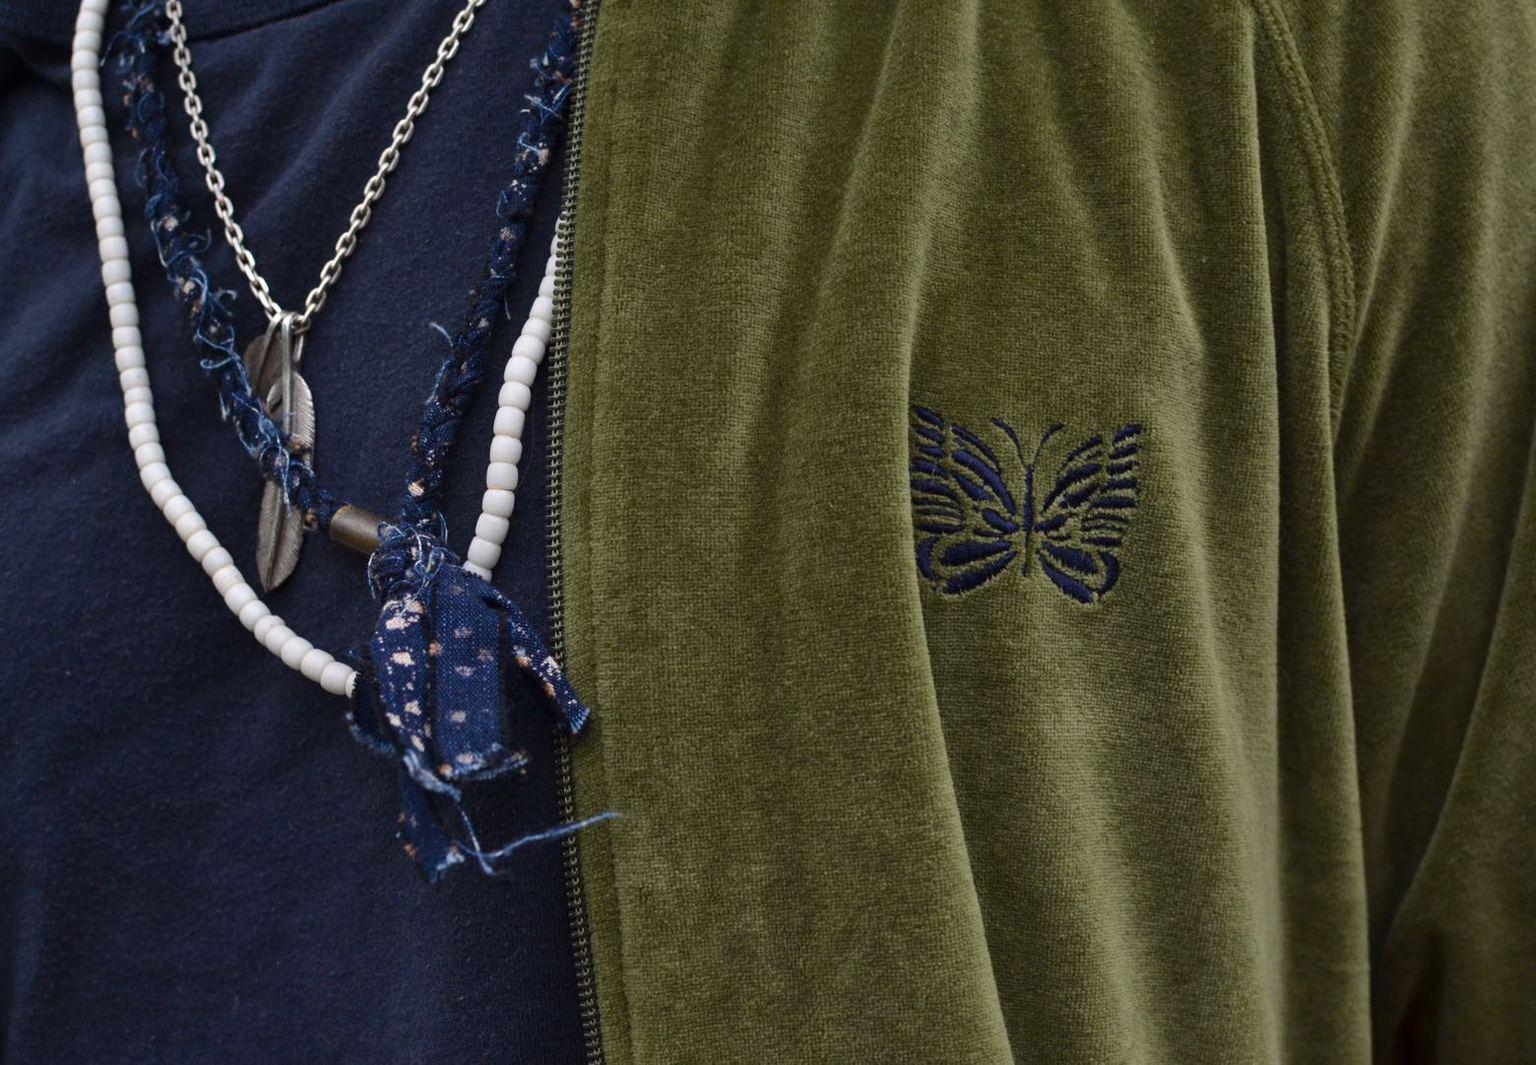 collier en tissu tressé borali, plume en argent First arrows silver feather t-bar chain